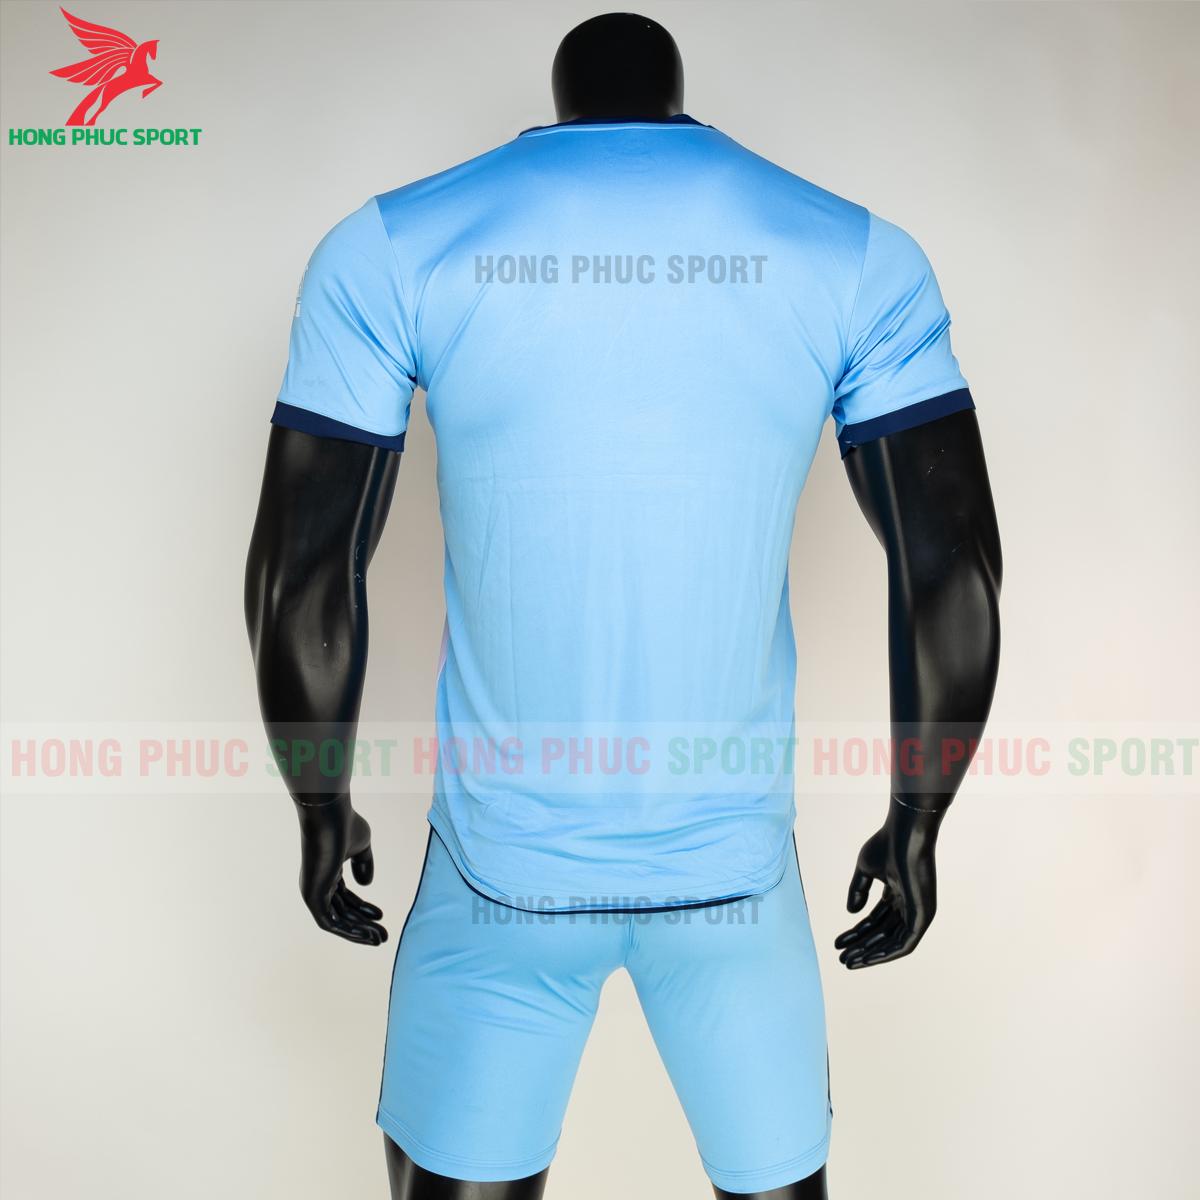 Áo đá banh không logo RIKI FURIOR 2021 màu Xanh da (sau)